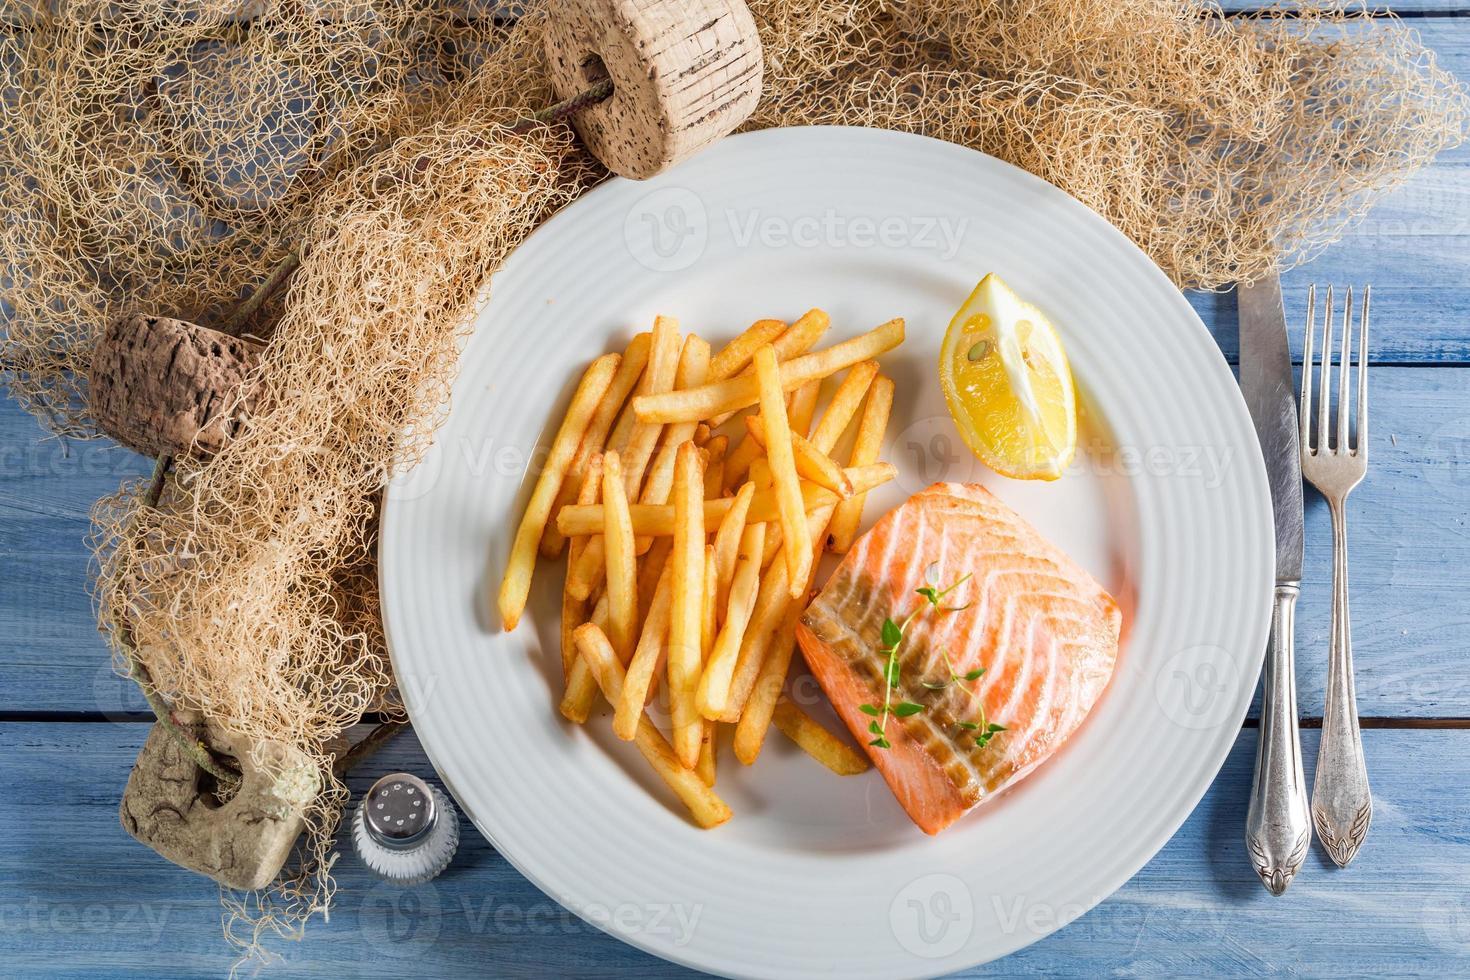 deliciosas batatas fritas com salmão servido no prato foto